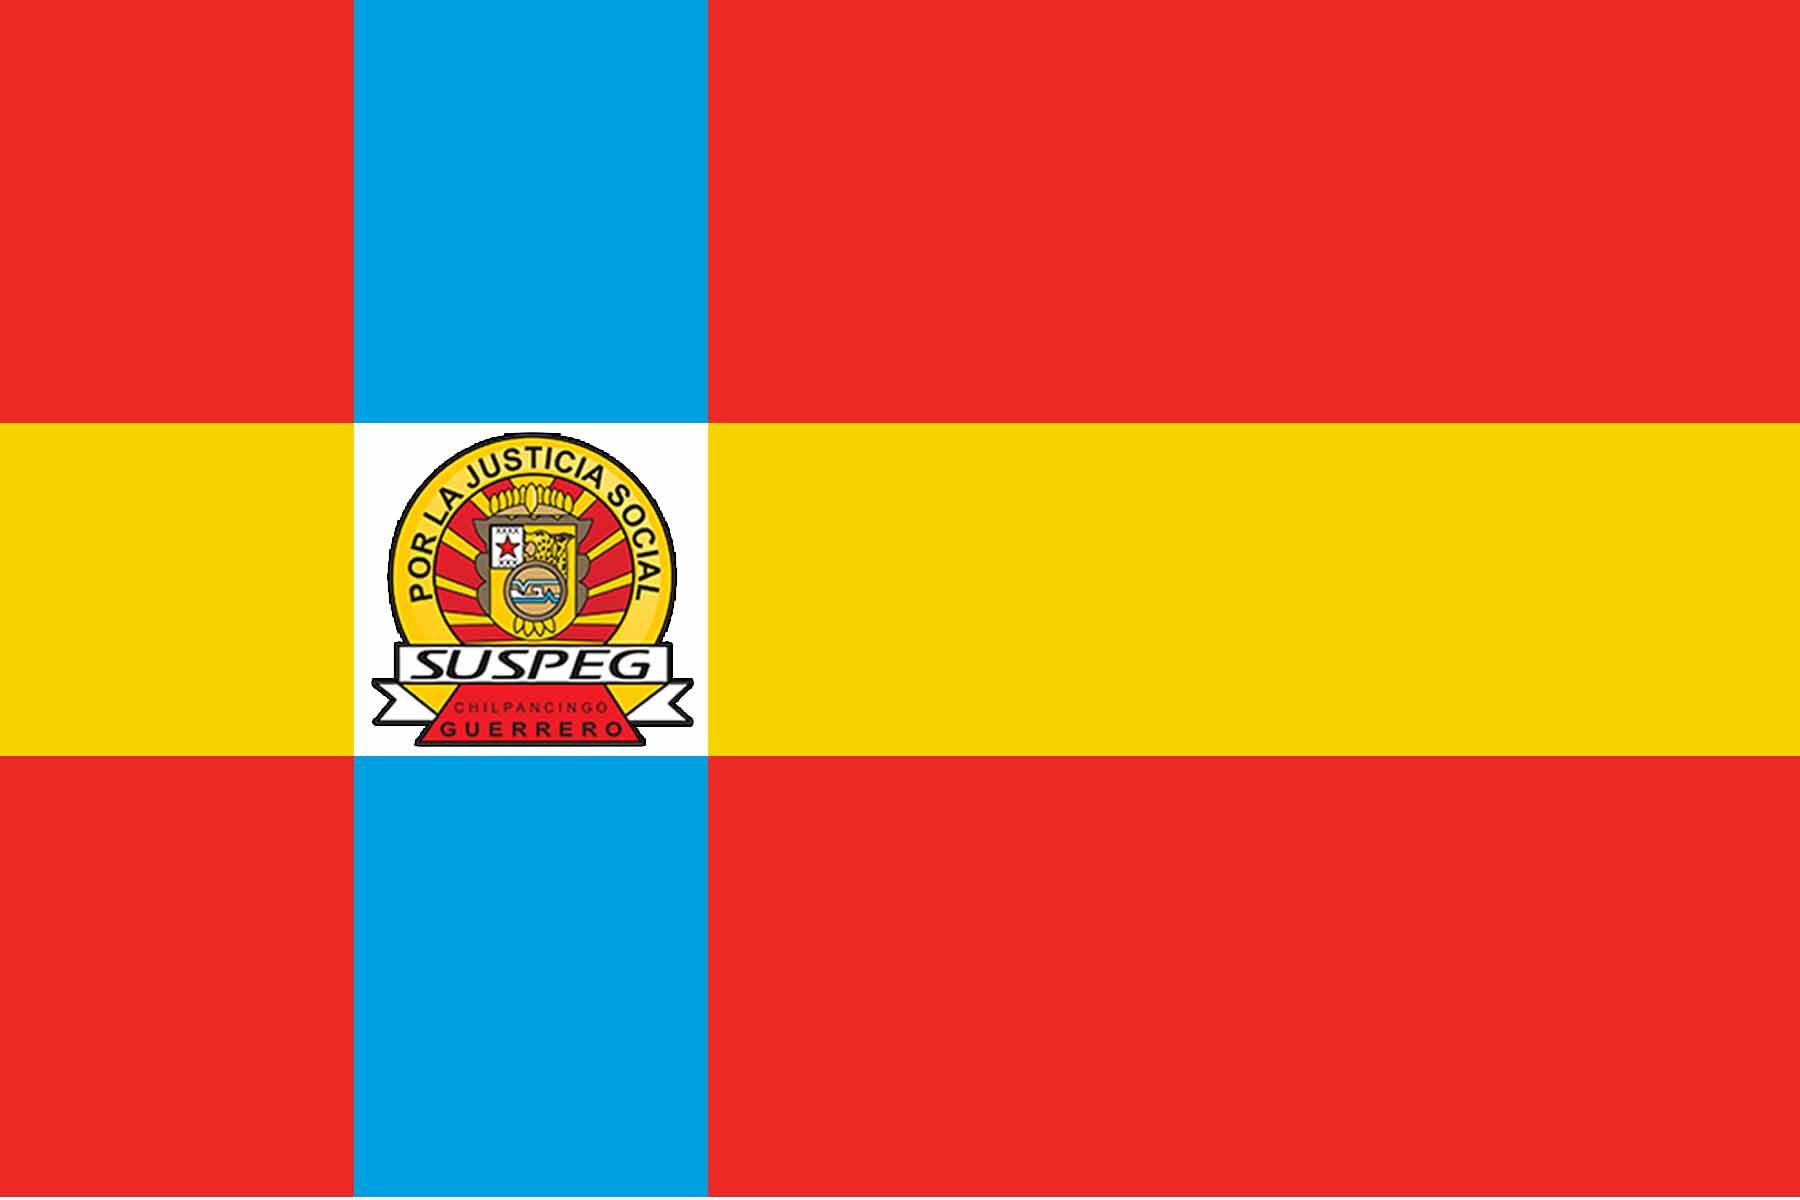 bandera suspeg2